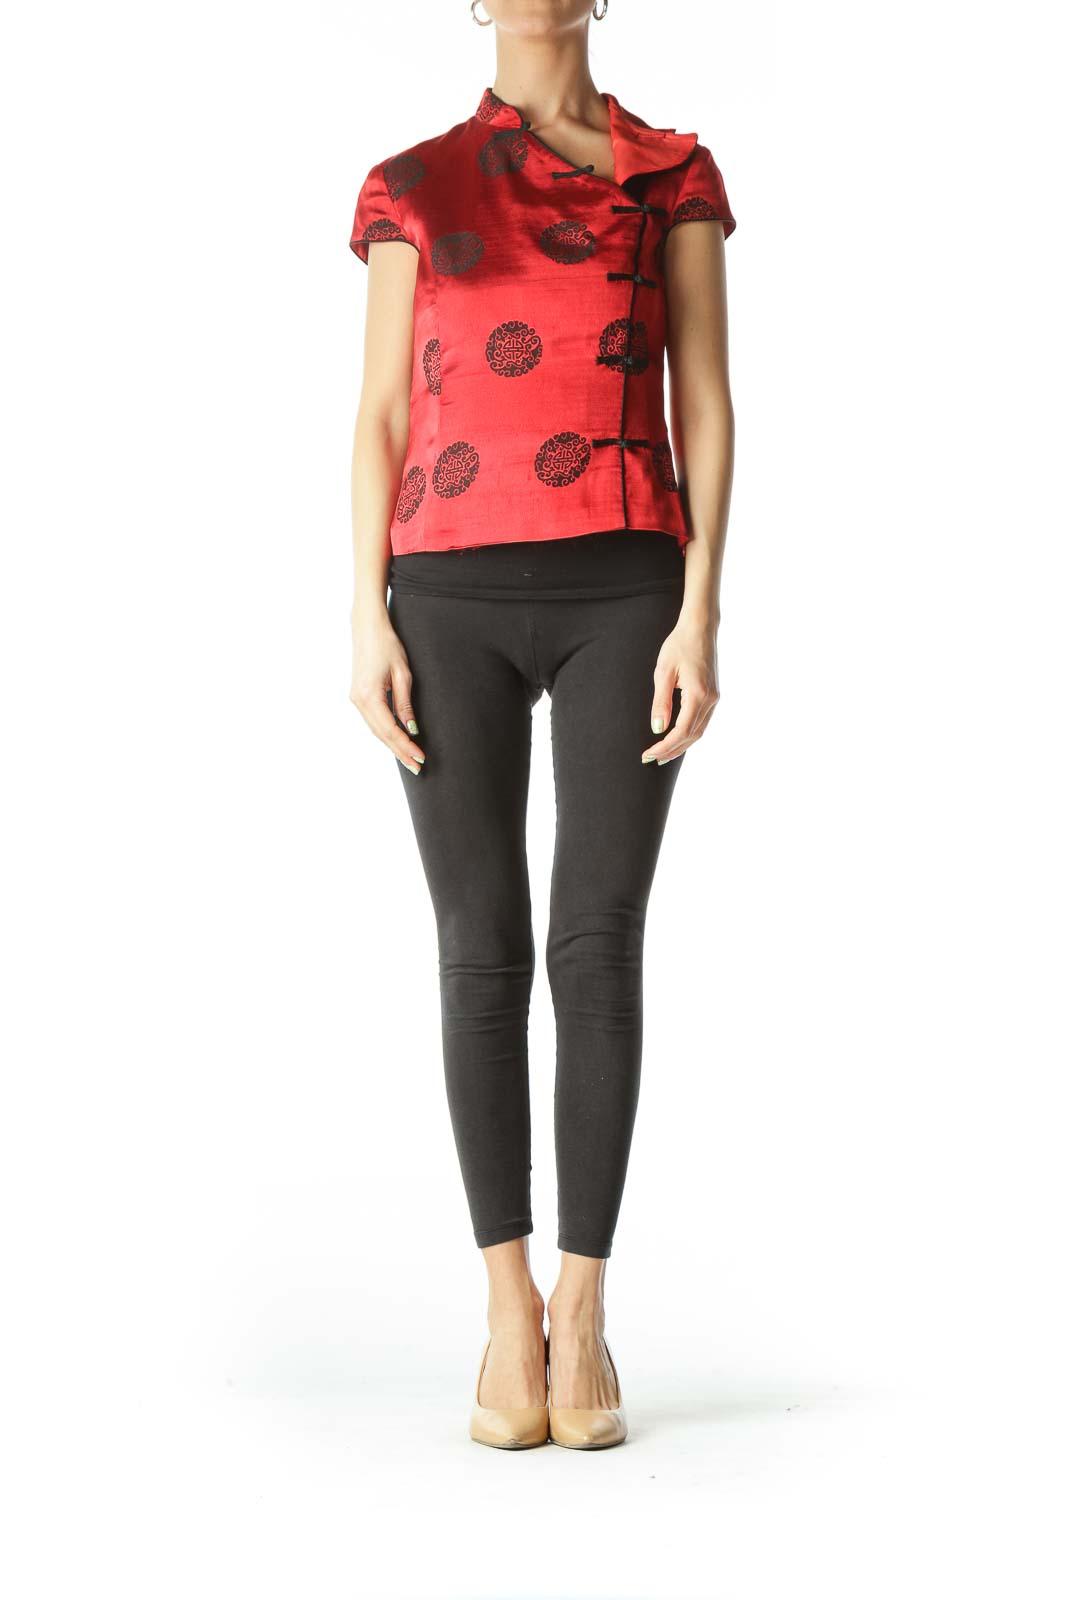 Red Black Shiny Silk Jacquard Knit Qipao Top